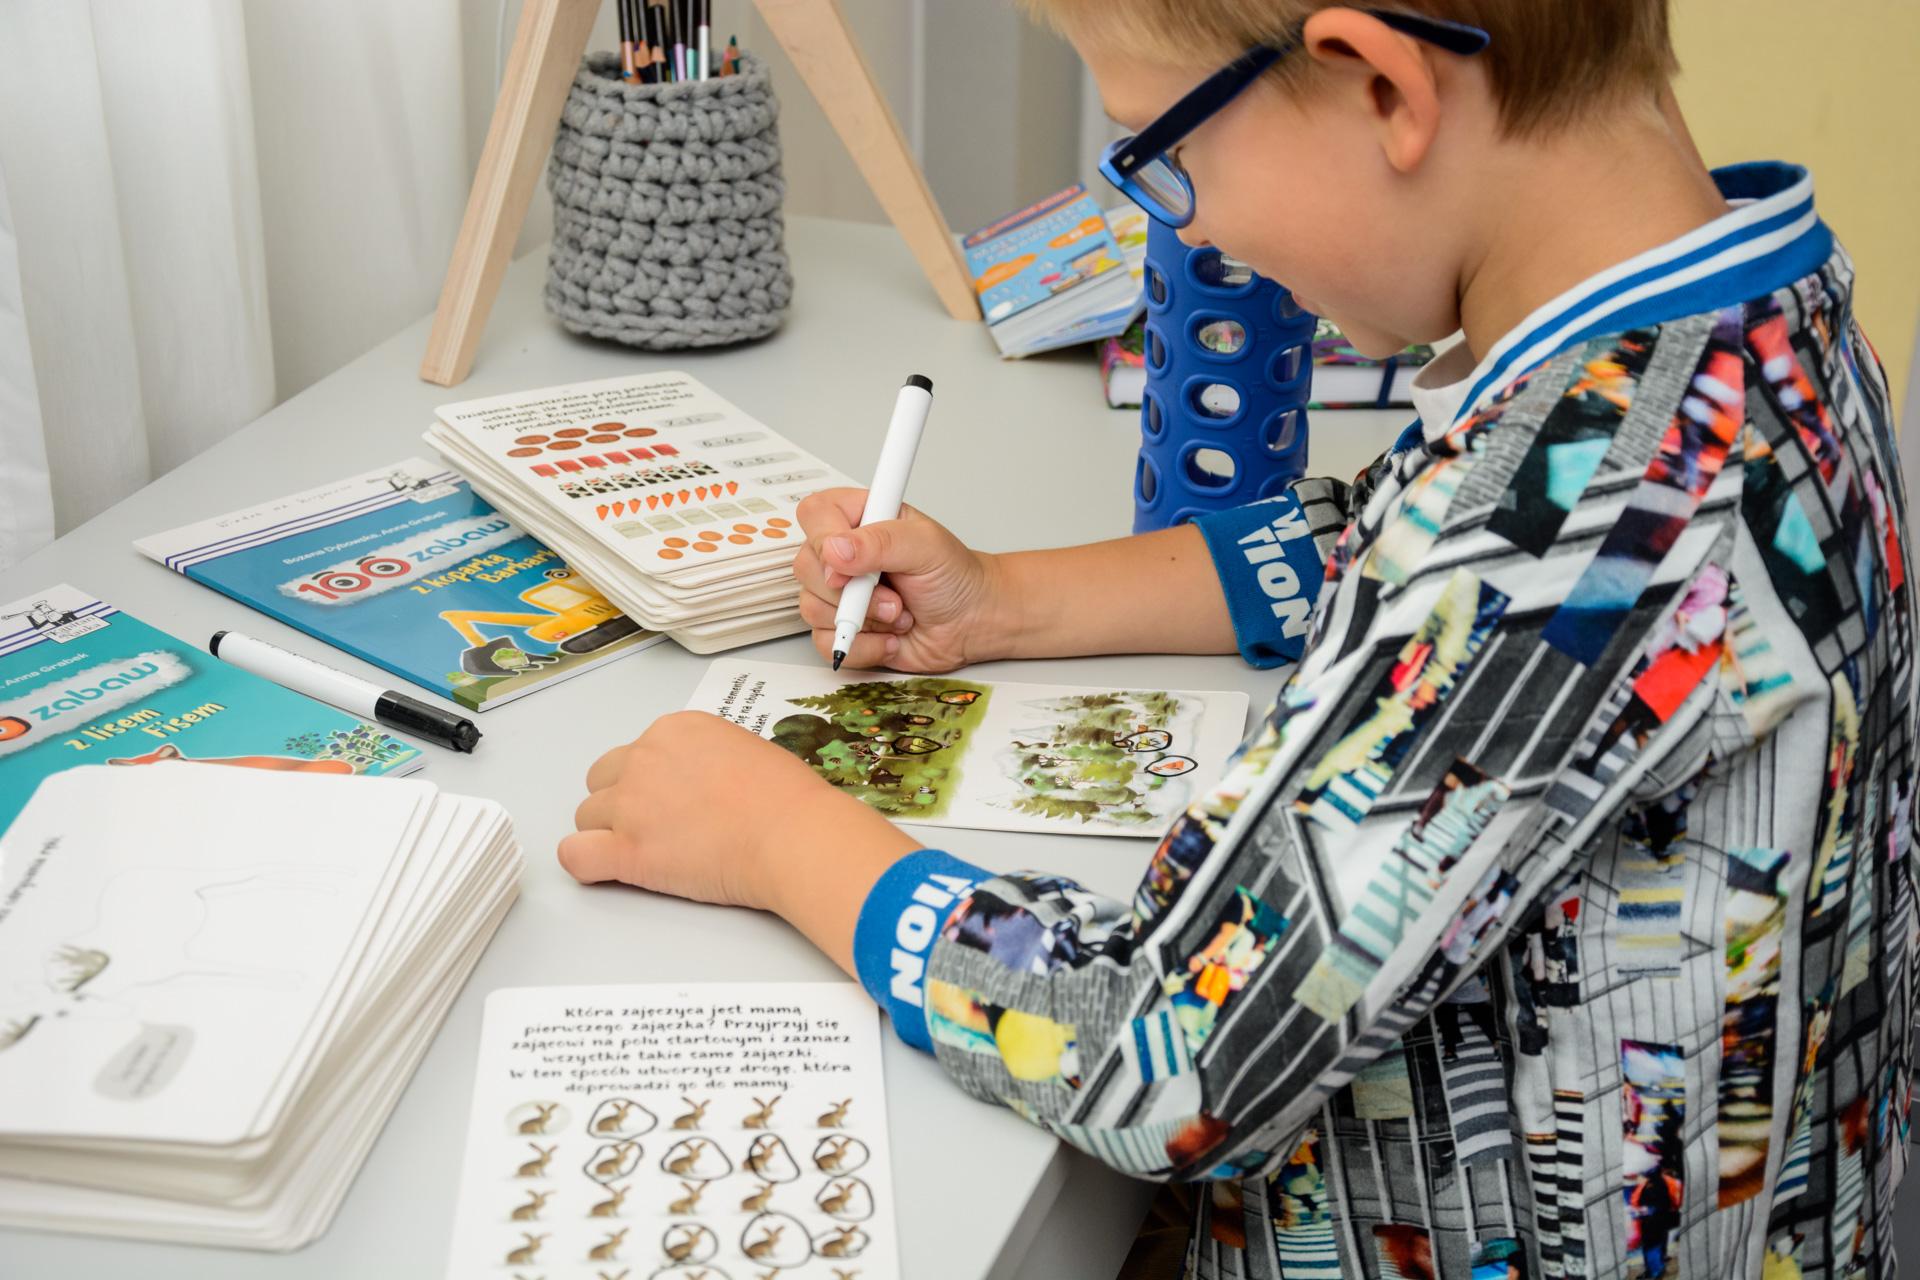 pomoce dla sześciolatka - jak pomóc dziecku w nauce